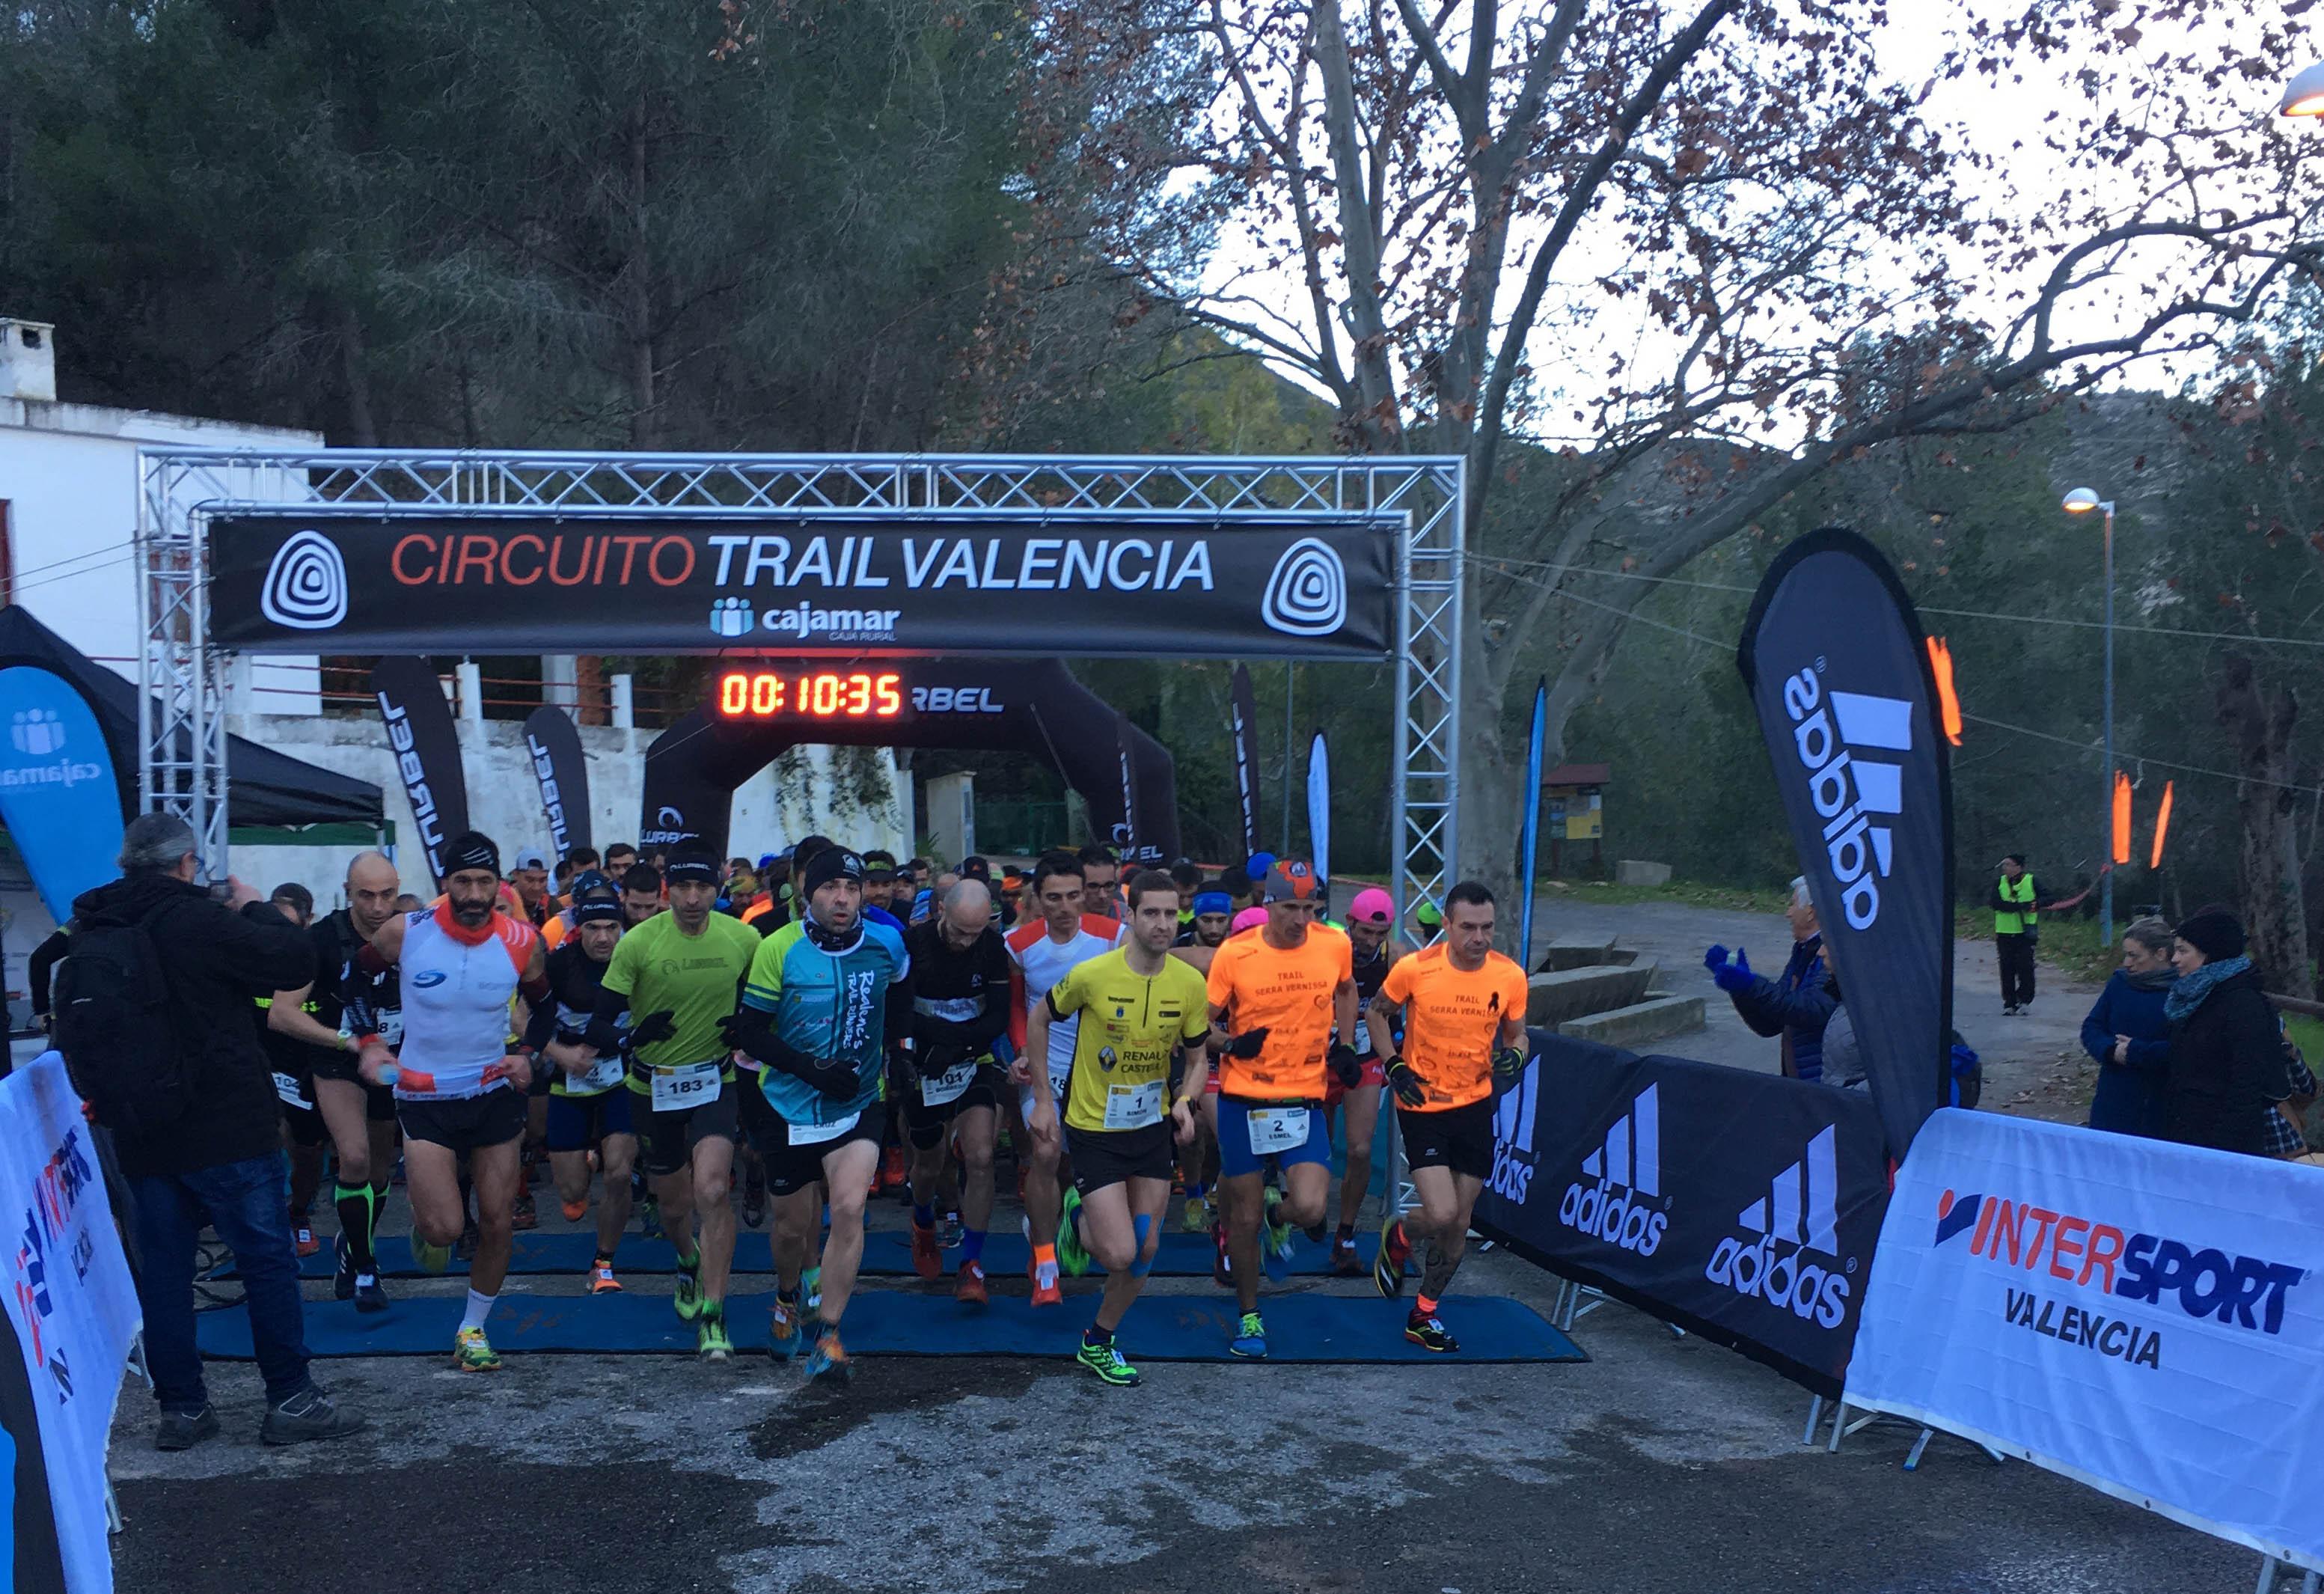 La cuarta prueba puntuable del Circuito Trail Valencia-Cajamar ha constado de un sprinttrail de 11,5 km y un trail de 20,2 km.